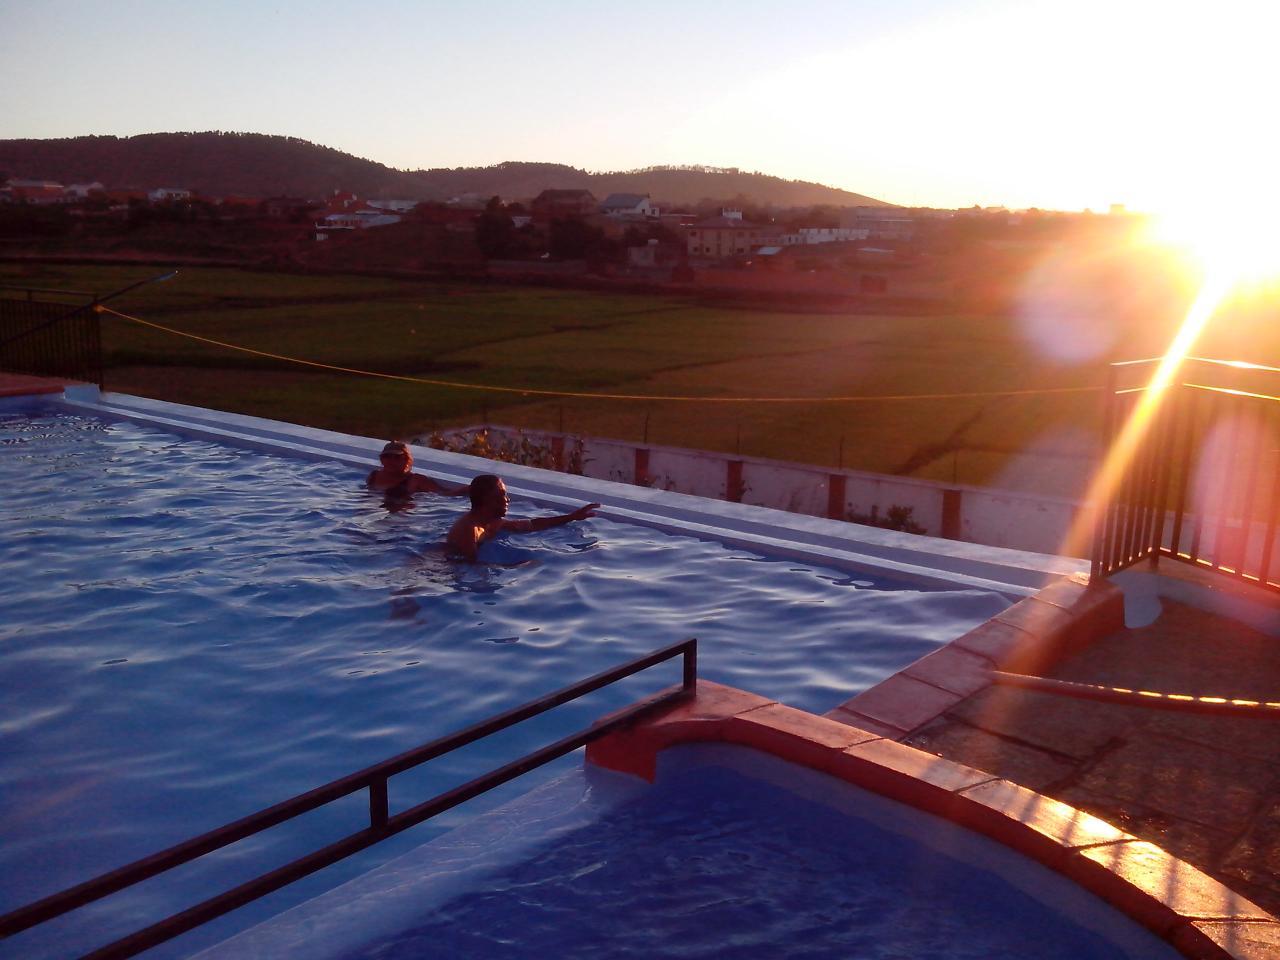 Le bain au coucher de soleil